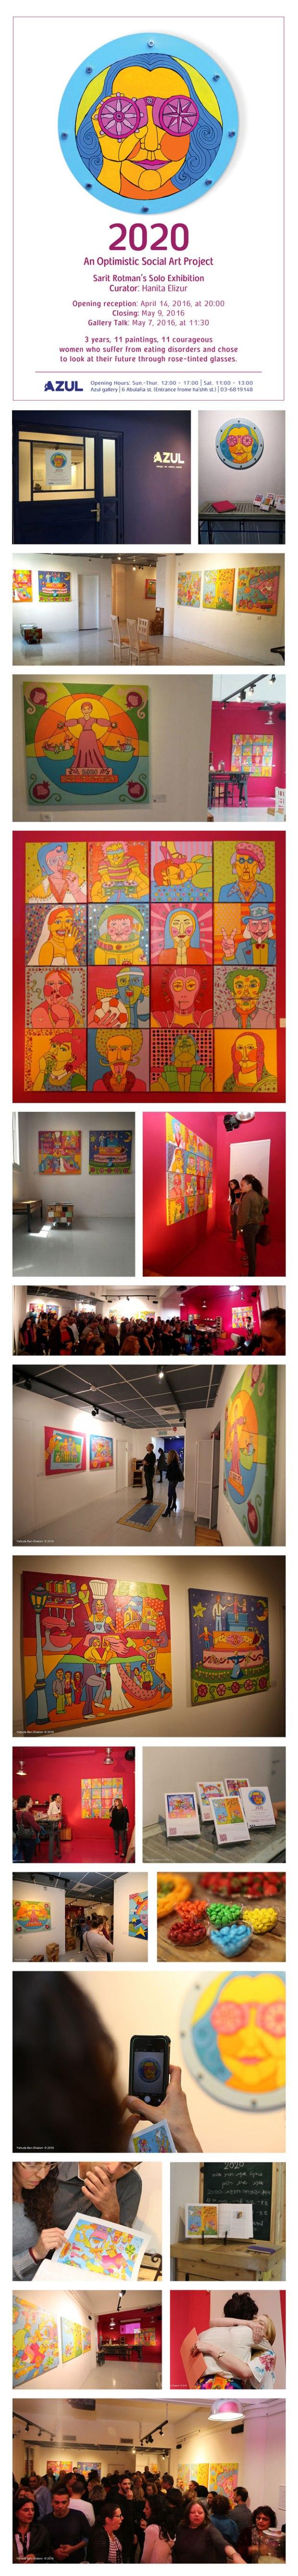 תערוכה-עיצוב-לבלוג-האתר